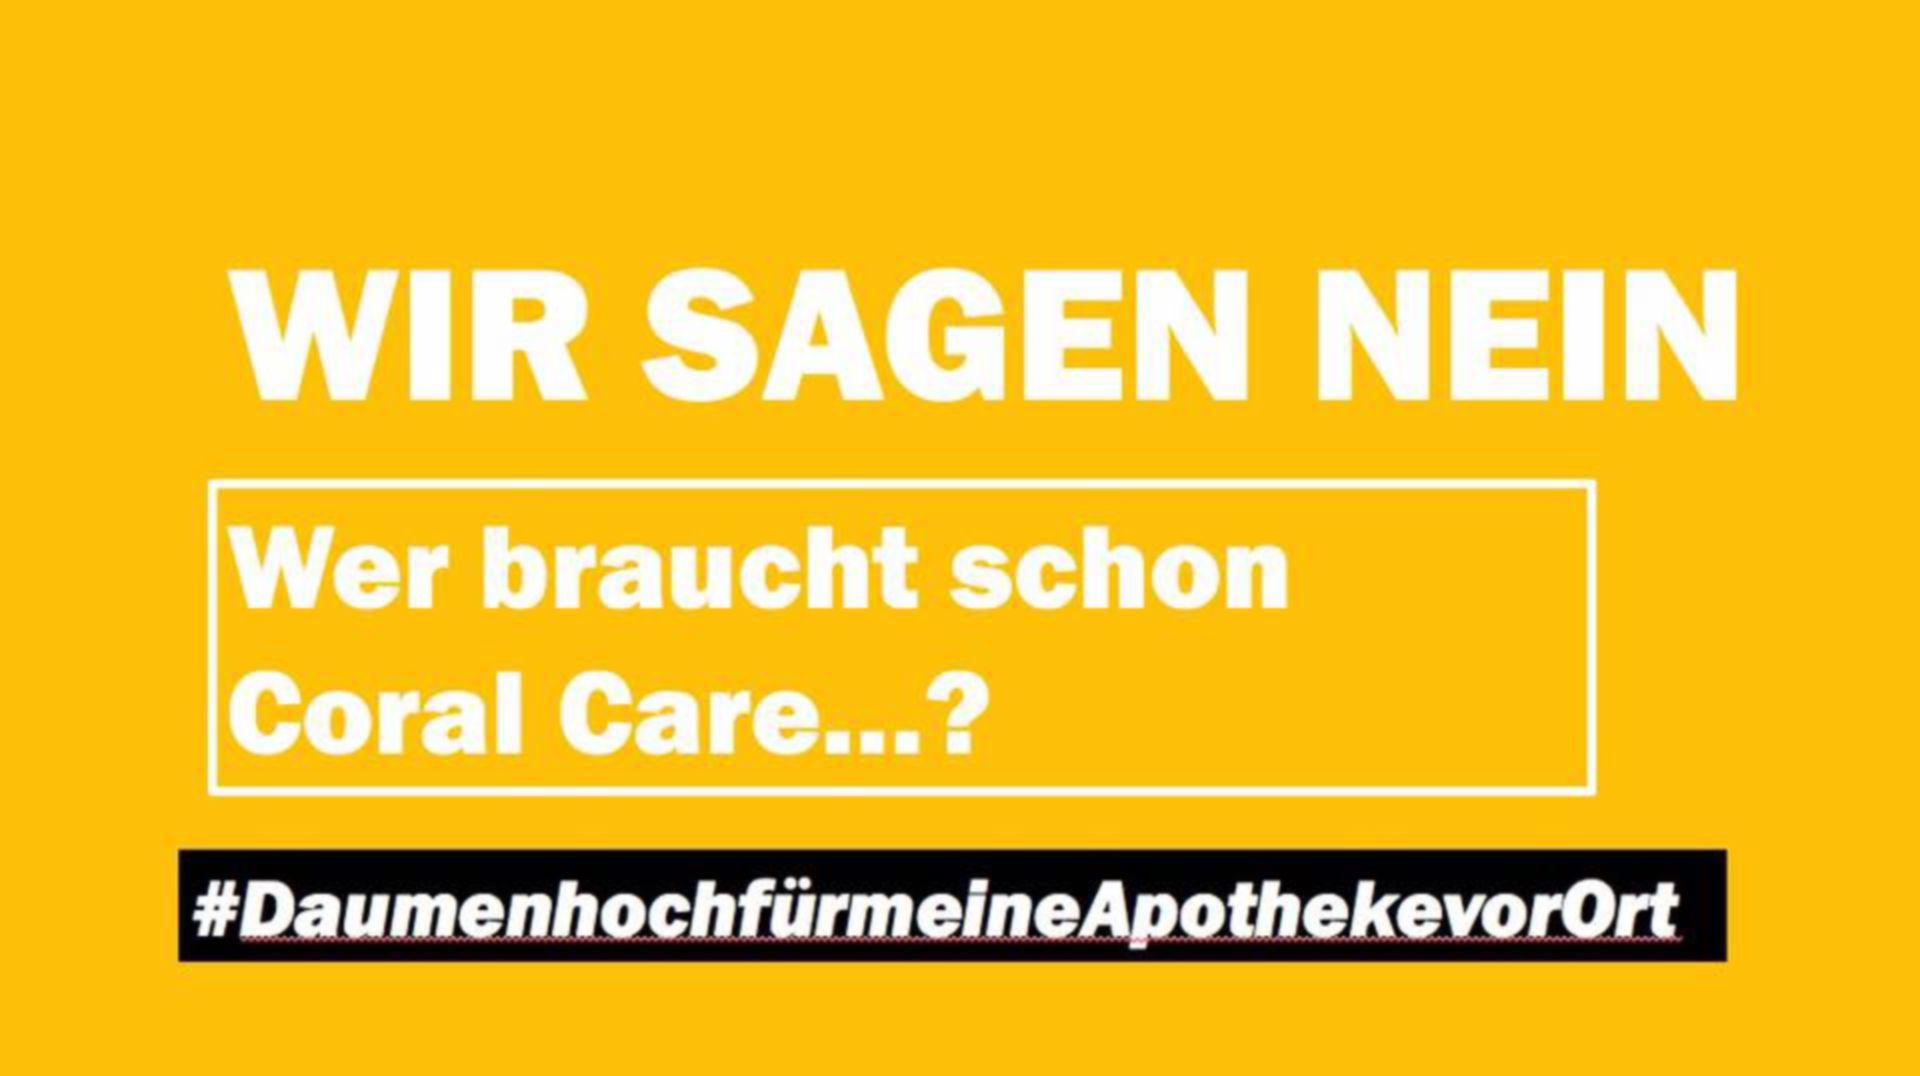 #DaumenhochfürmeineApothekevorOrt